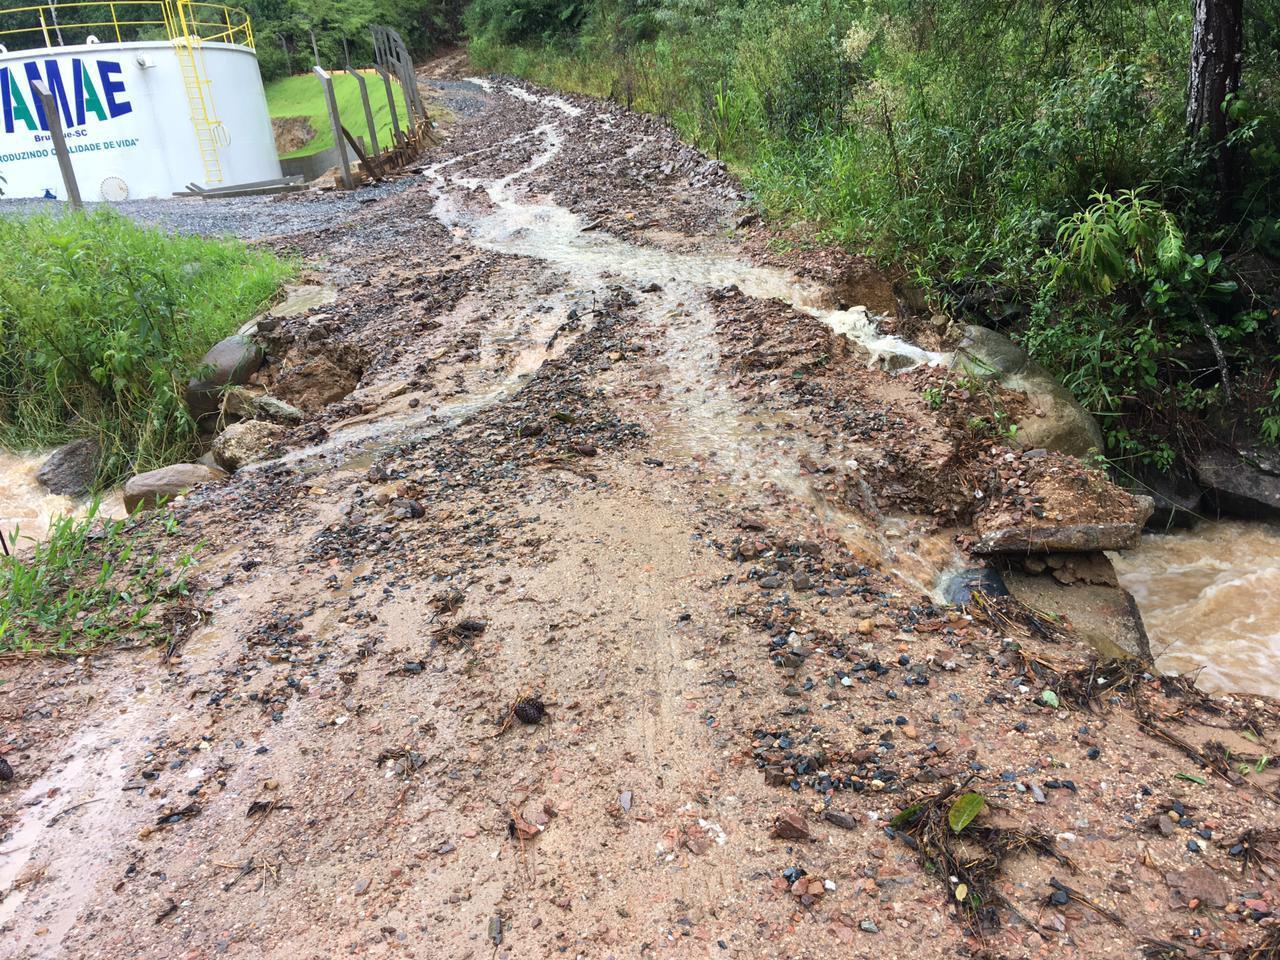 Samae busca reverter os estragos causados pelas chuvas no abastecimento de água da cidade - Secom Brusque/Divulgação